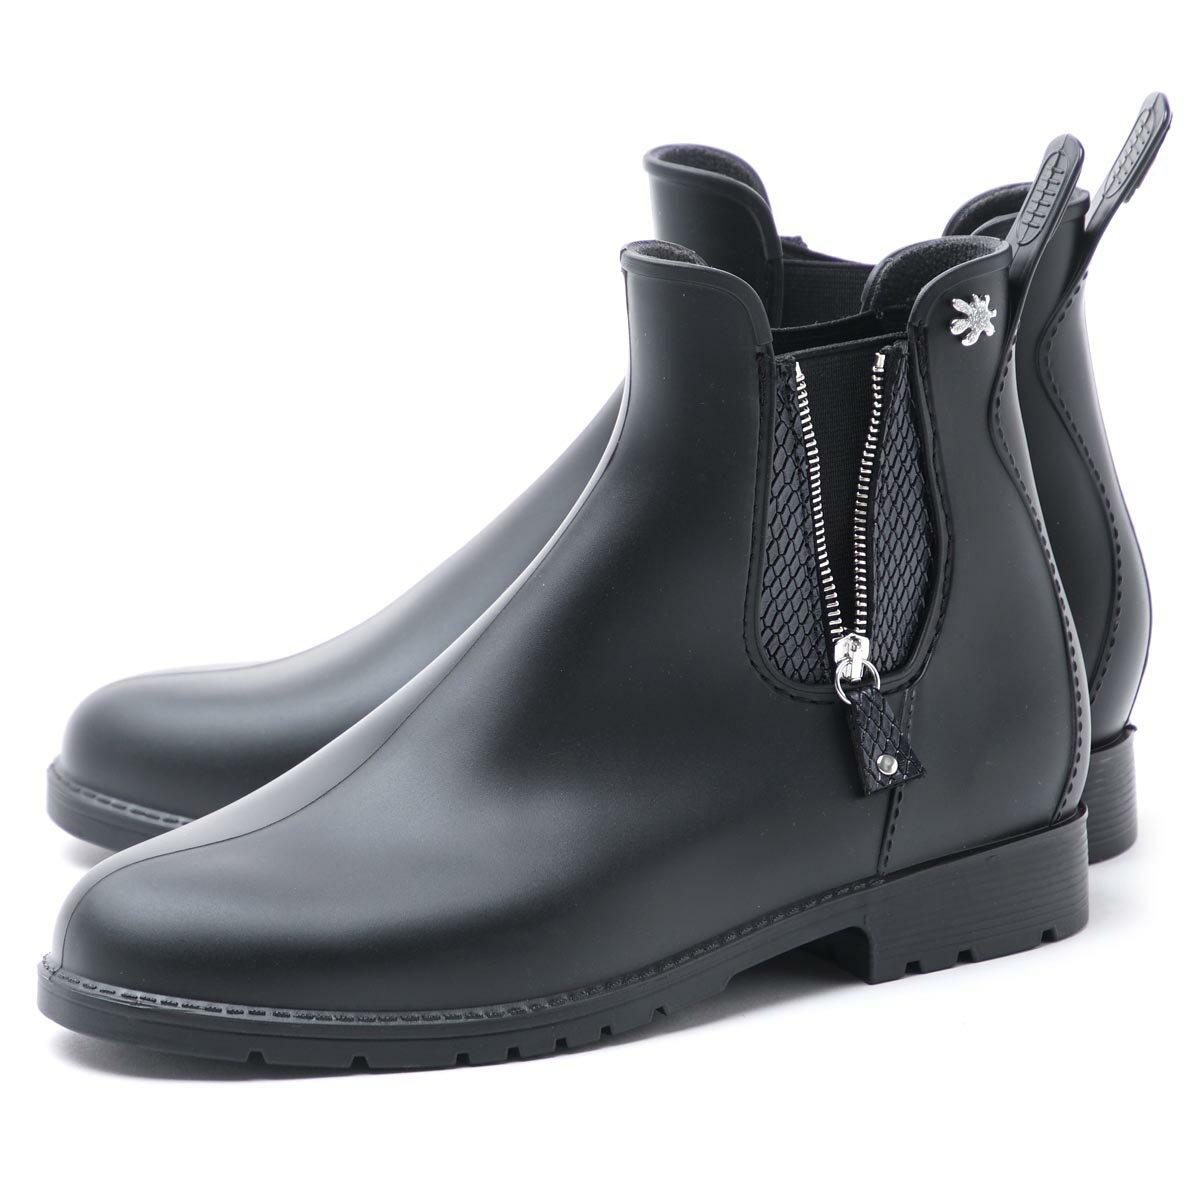 メデュース meduse レインブーツ ブラック レディース ショート umo ウモ サイドゴア 軽量 雨靴 jumpzip noir JUMPZIP【ラッピング無料】【返品送料無料】【170323】【あす楽対応_関東】